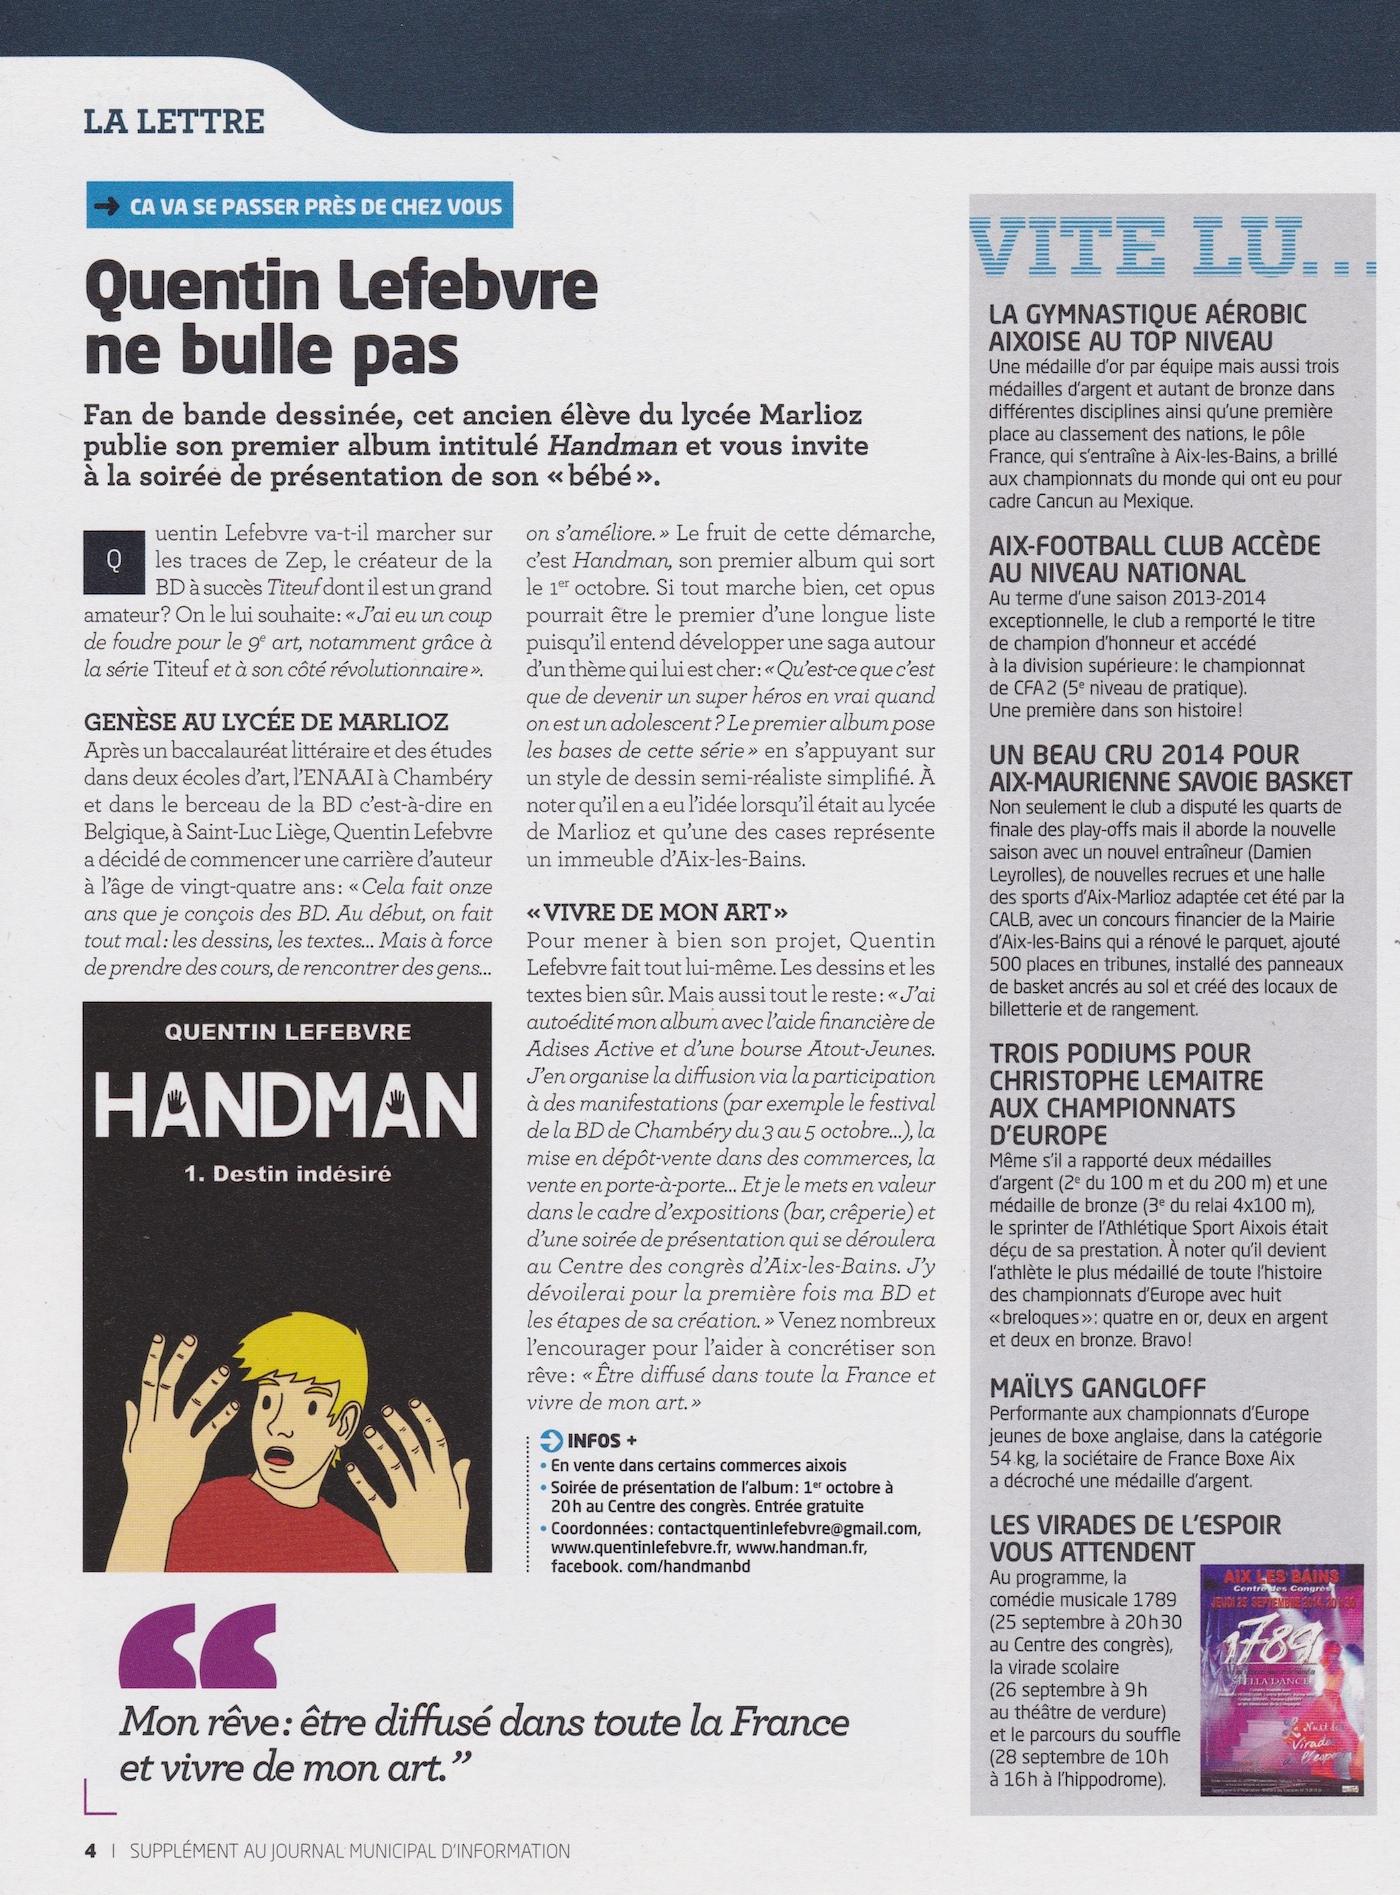 article de journal-la lettre muncipale d'aix les bains de septembre2014 parle de handman